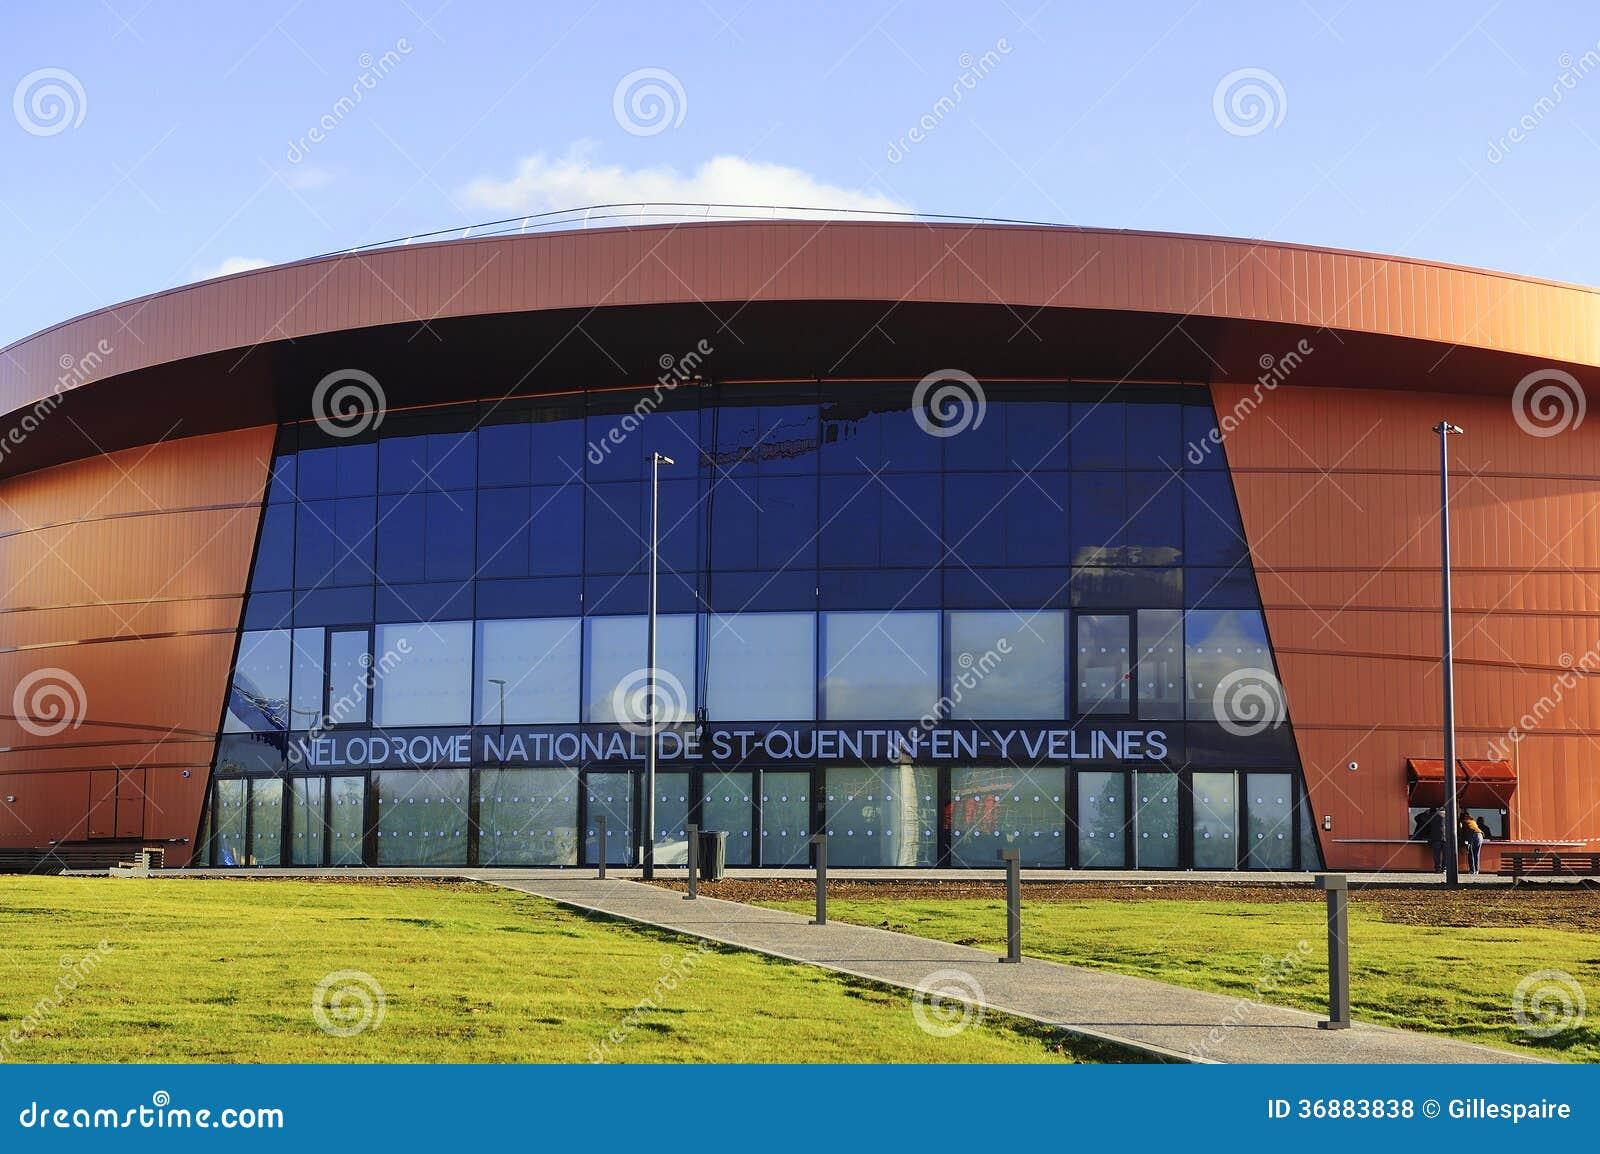 Download Velodromo Il San-Quentin-en-Yvelines Fotografia Stock Editoriale - Immagine di città, architettura: 36883838